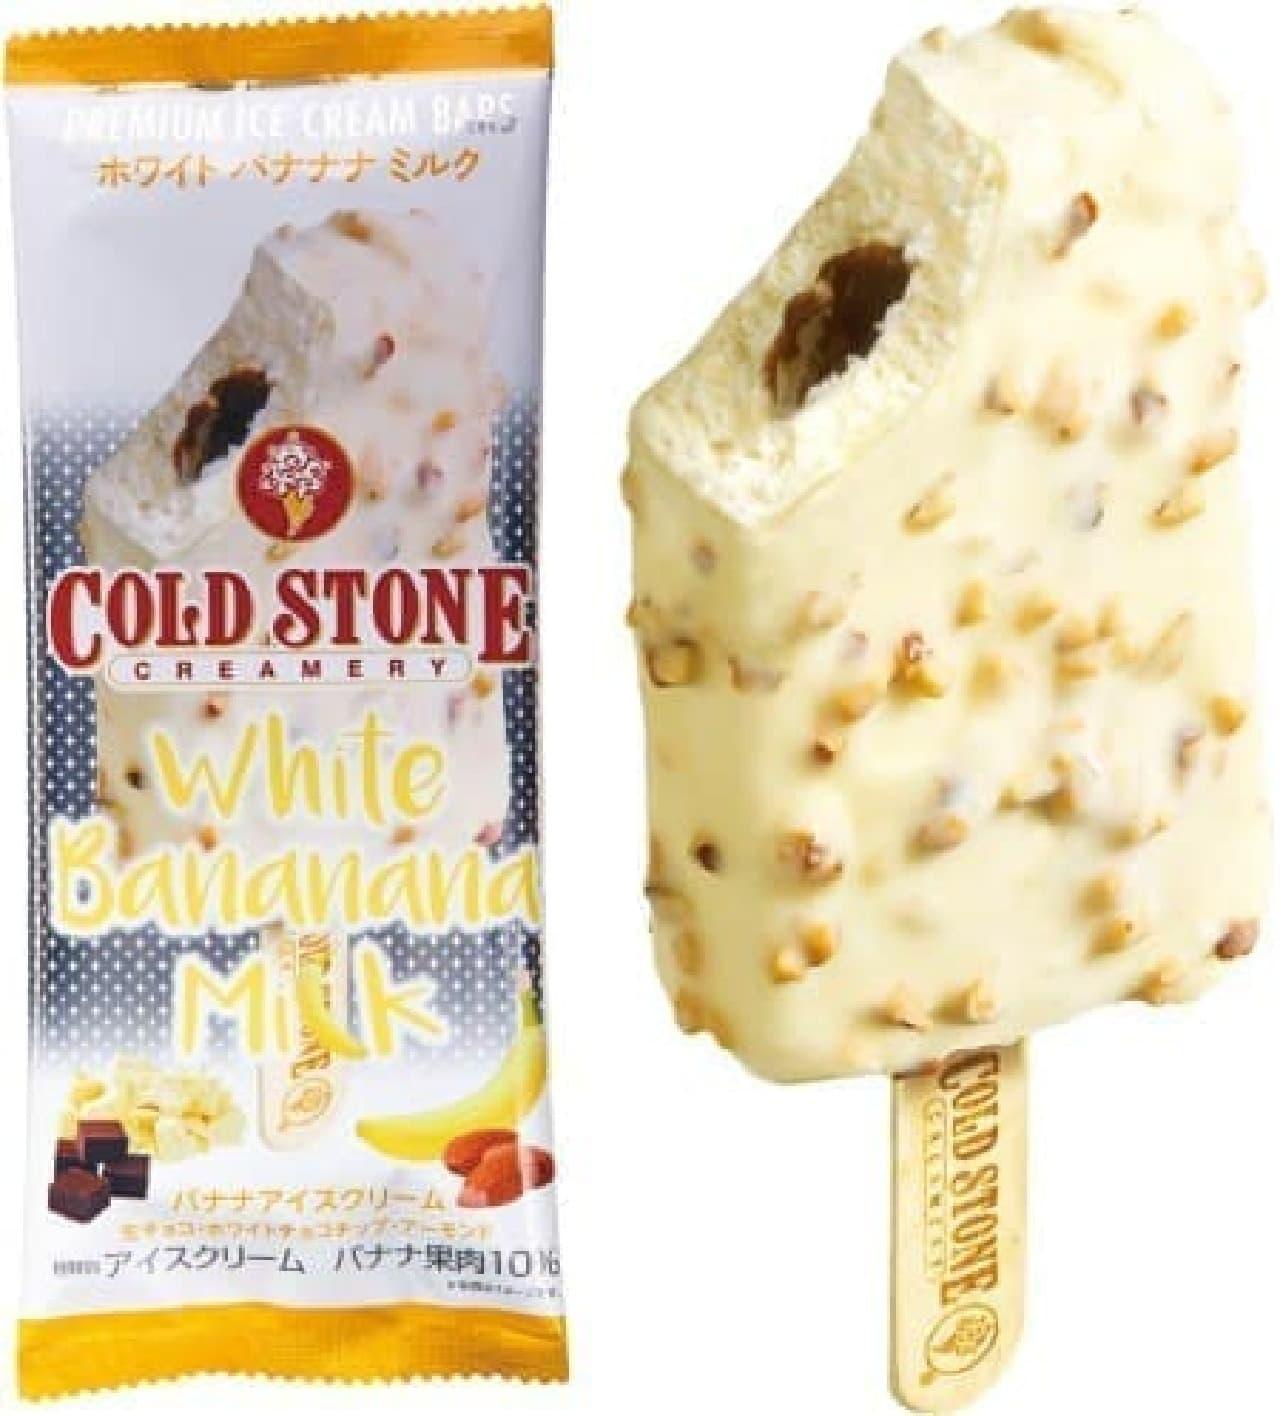 コールド・ストーン・クリーマリー プレミアムアイスクリームバー ホワイト バナナナ ミルク(セブン限定)